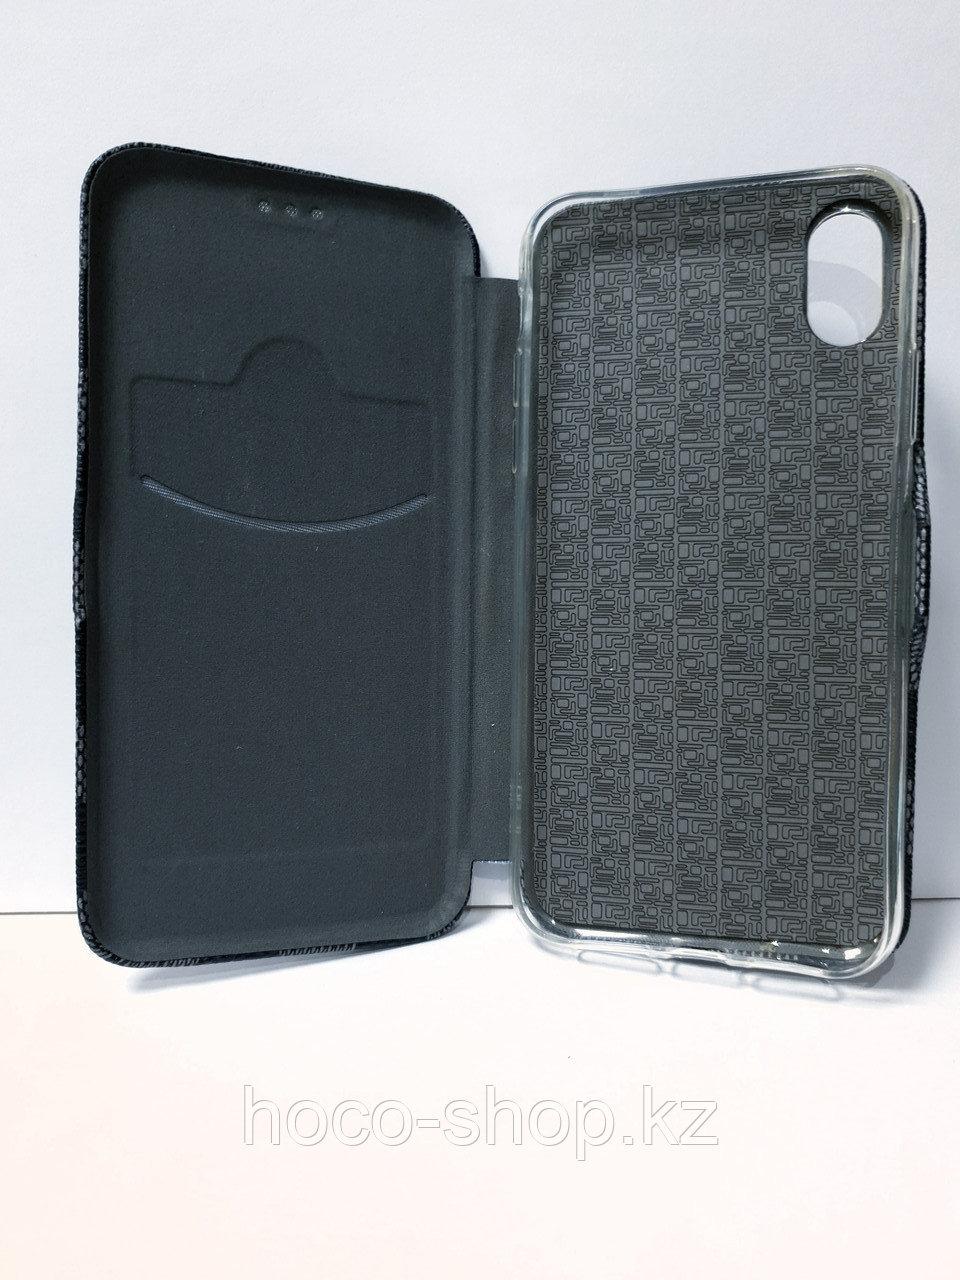 Кожаный чехол-книжка Louis Vuitton iPhone XR - фото 2